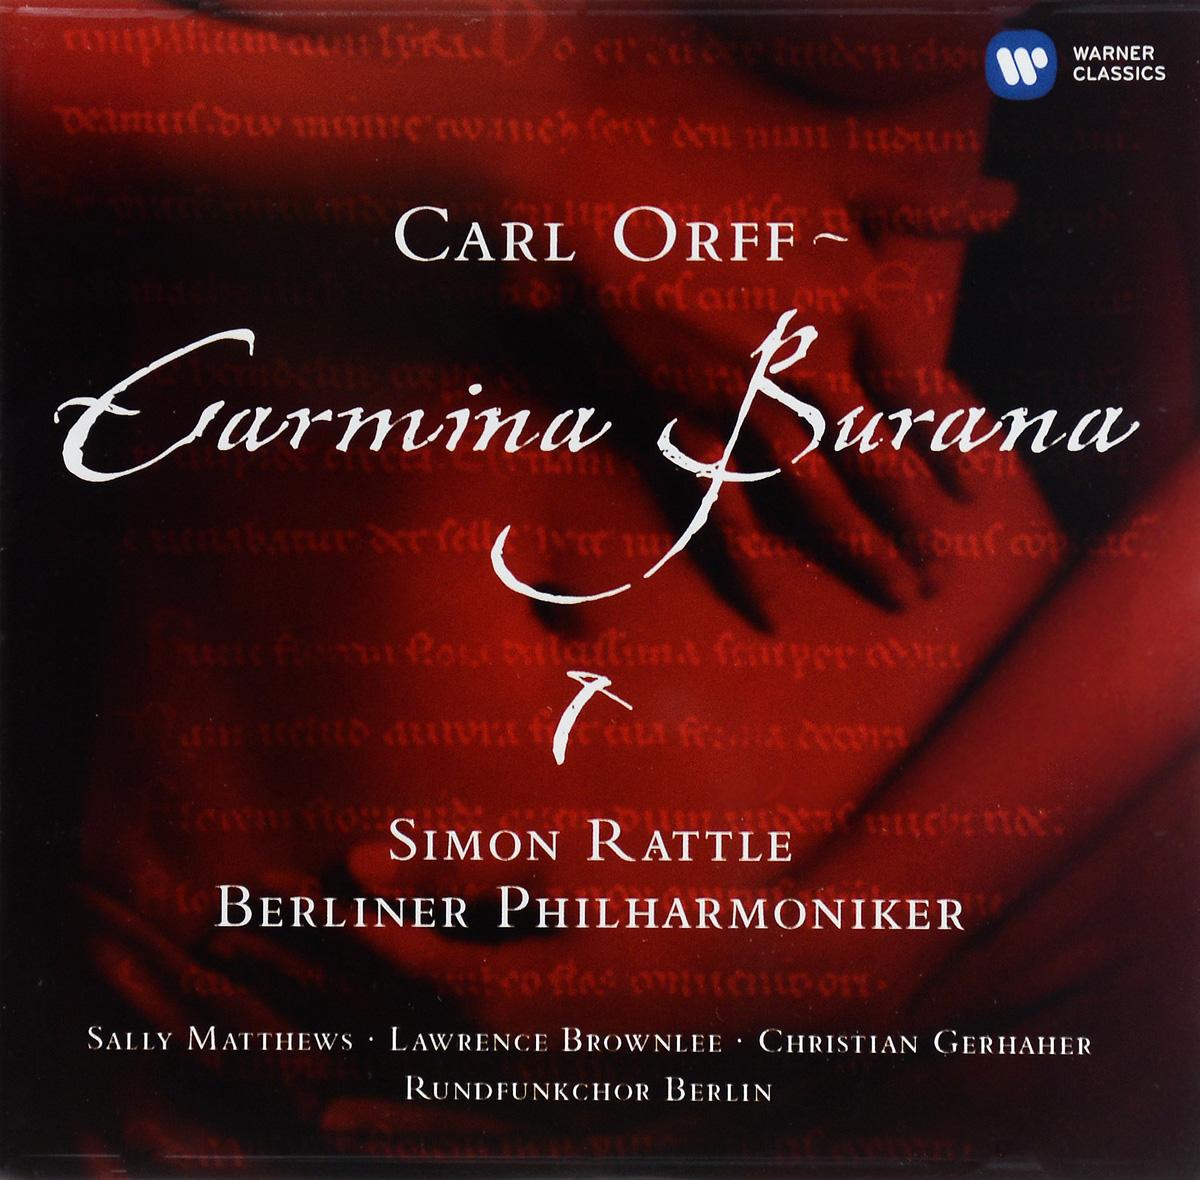 Carl Orff. Carmina Burana